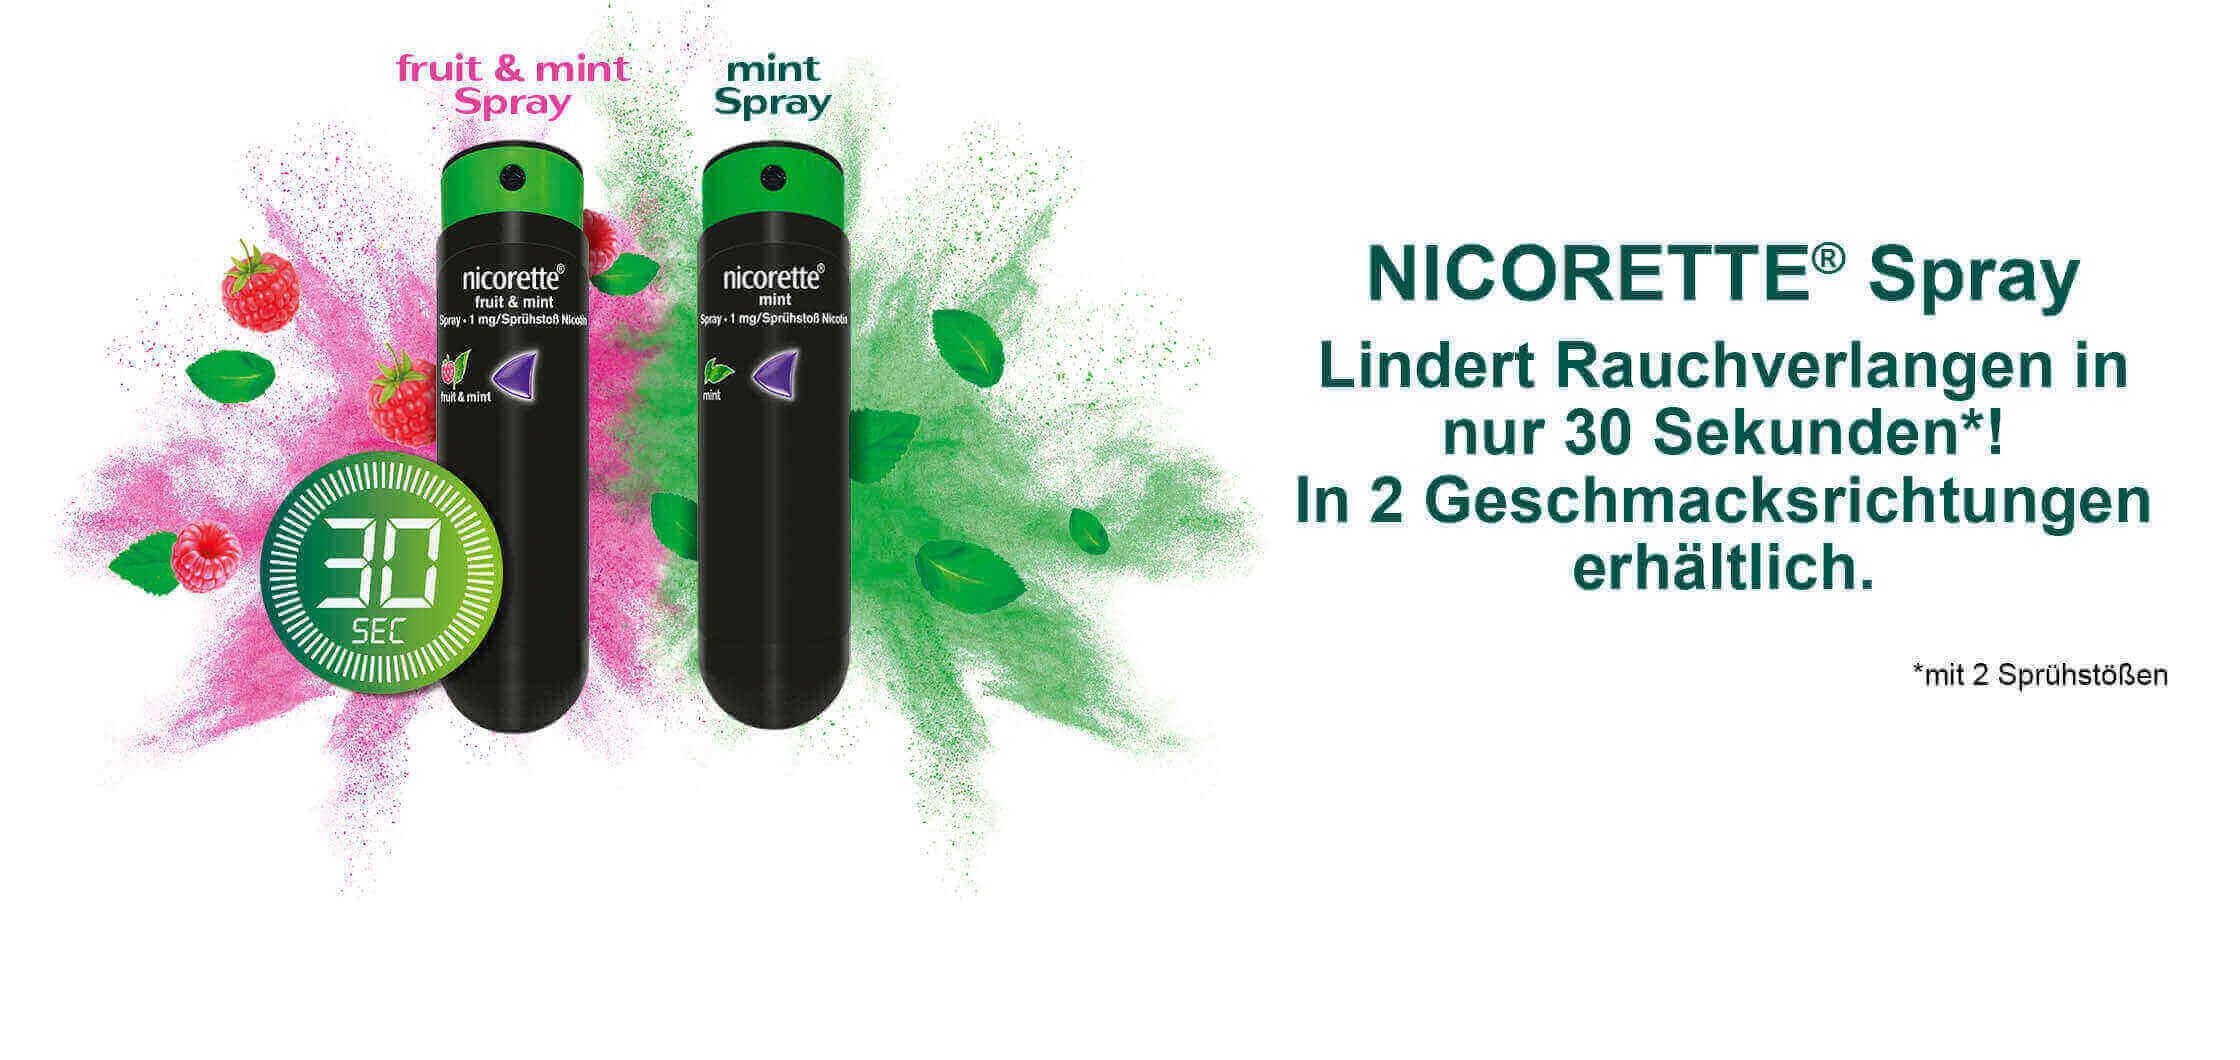 Spray banner nicorette spray_mit dem Rauchen aufhören in 30 Sekunden